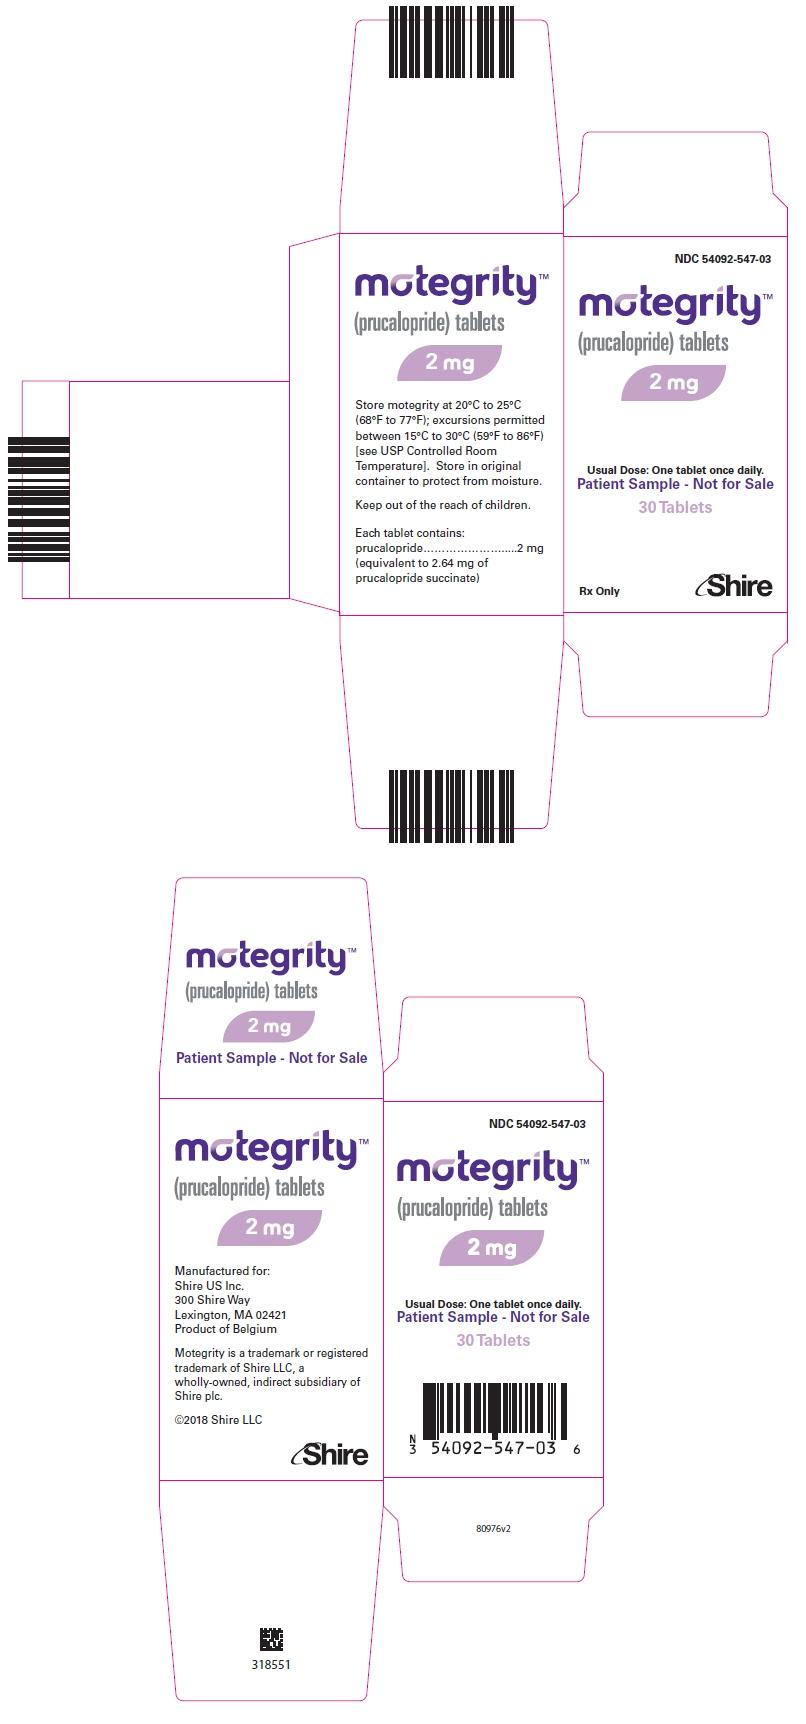 PRINCIPAL DISPLAY PANEL - 2 mg Tablet Bottle Carton